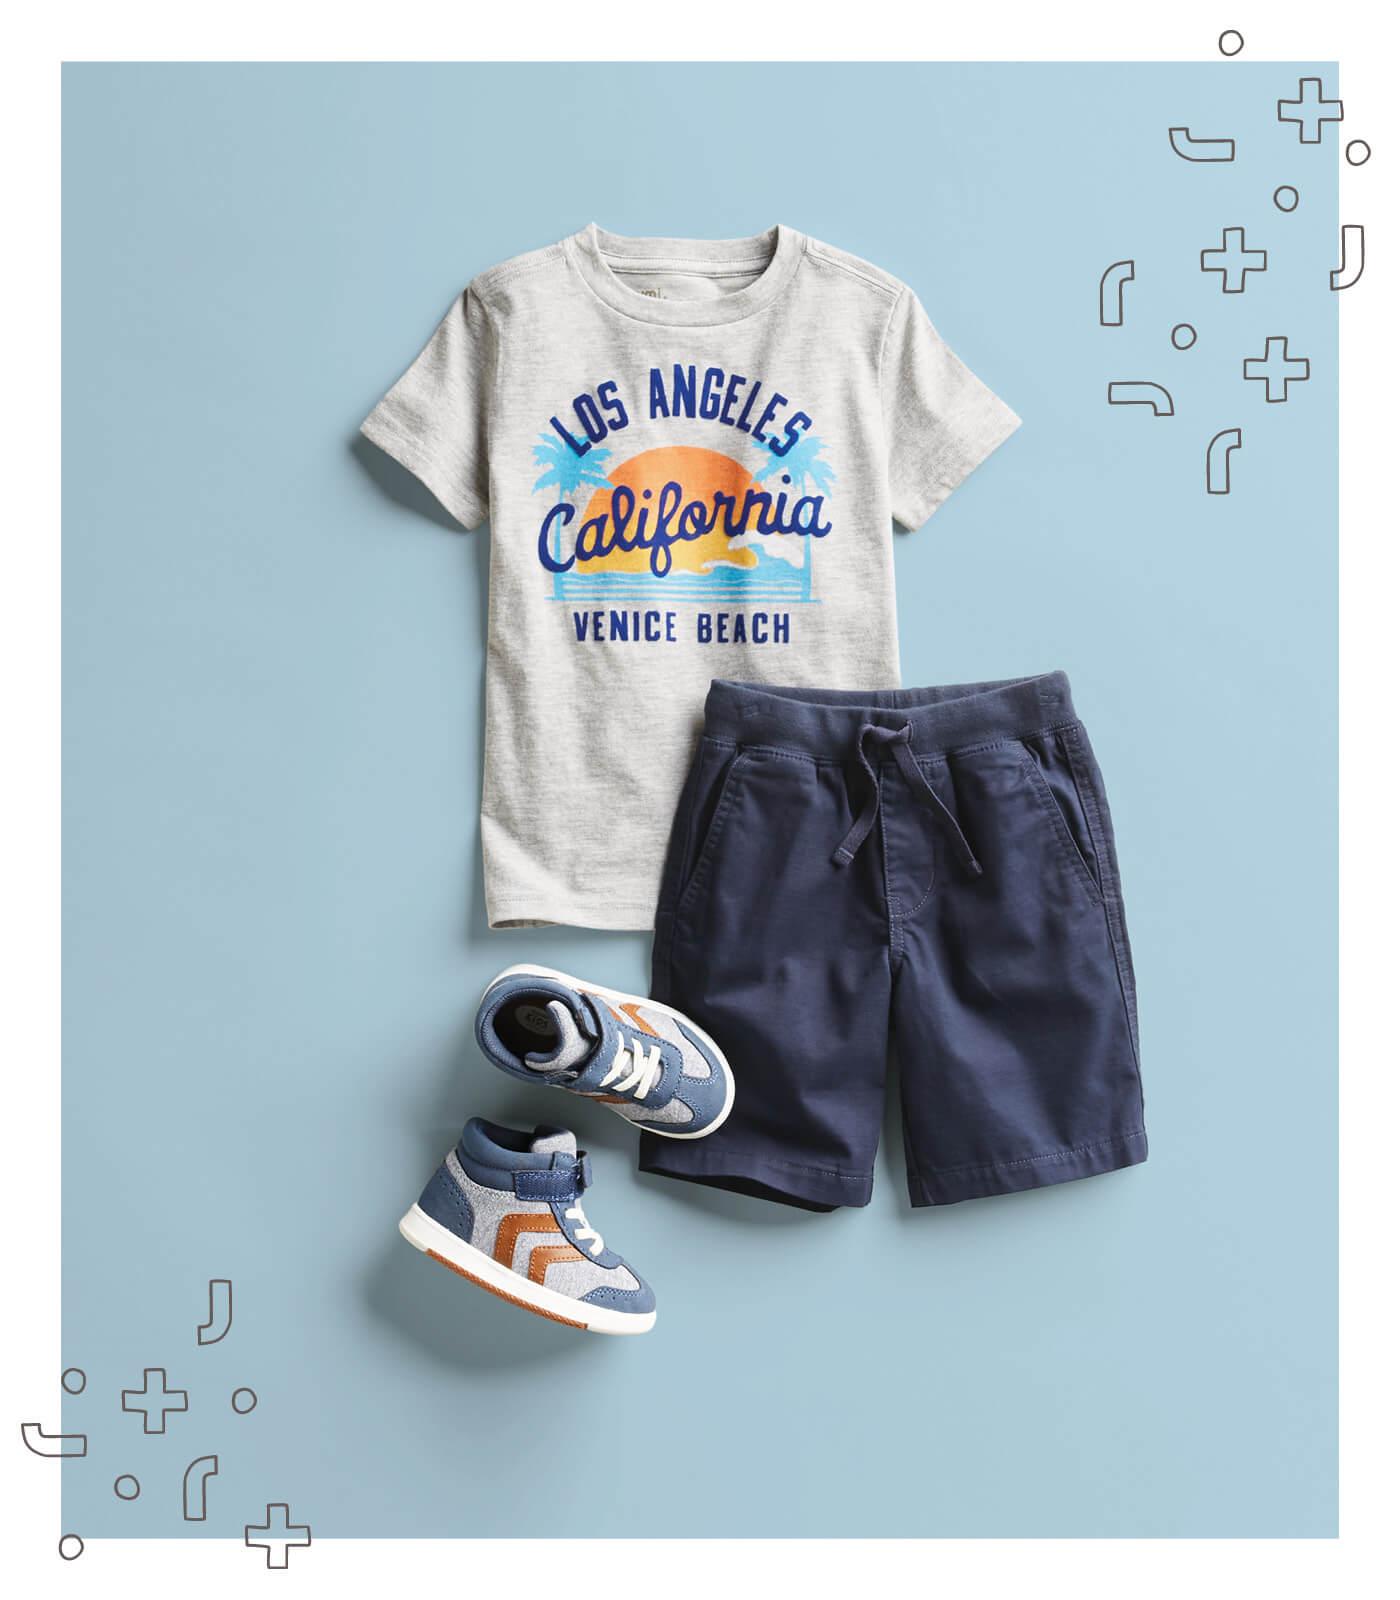 kid's california t-shirt and shorts